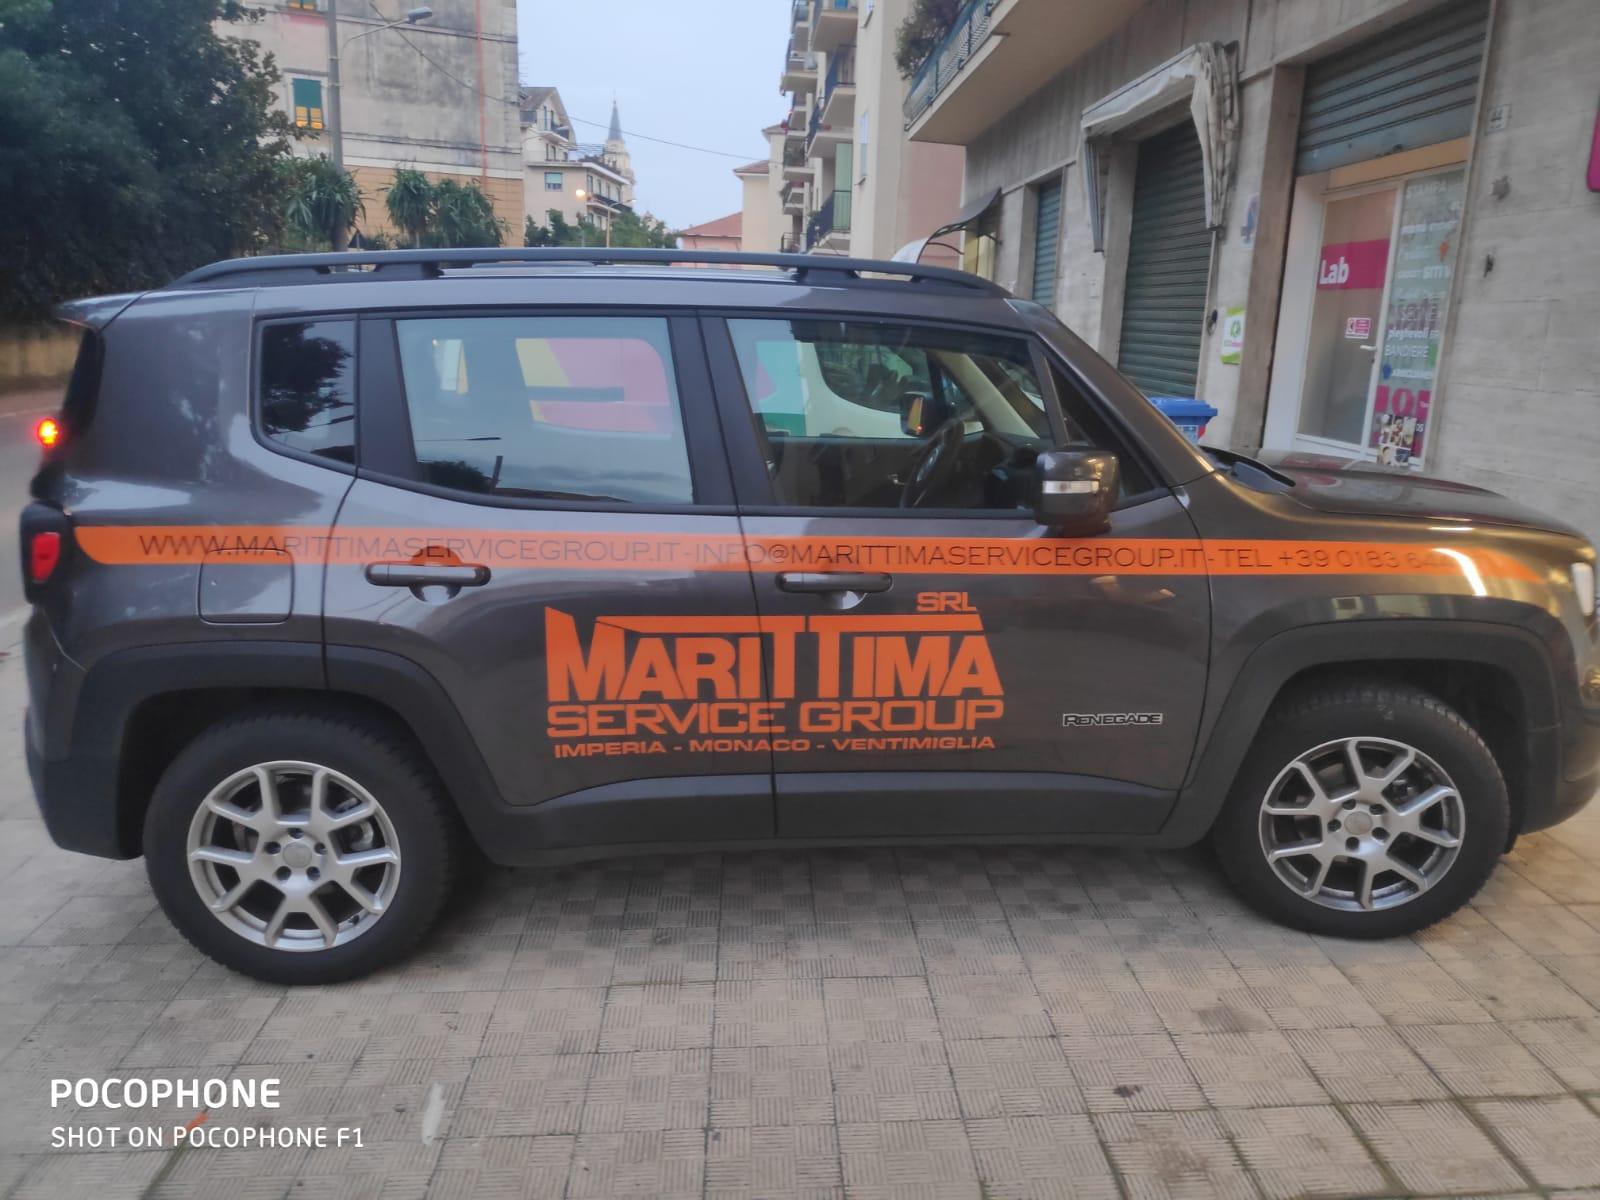 Marittima Service Group, adesivi automezzo